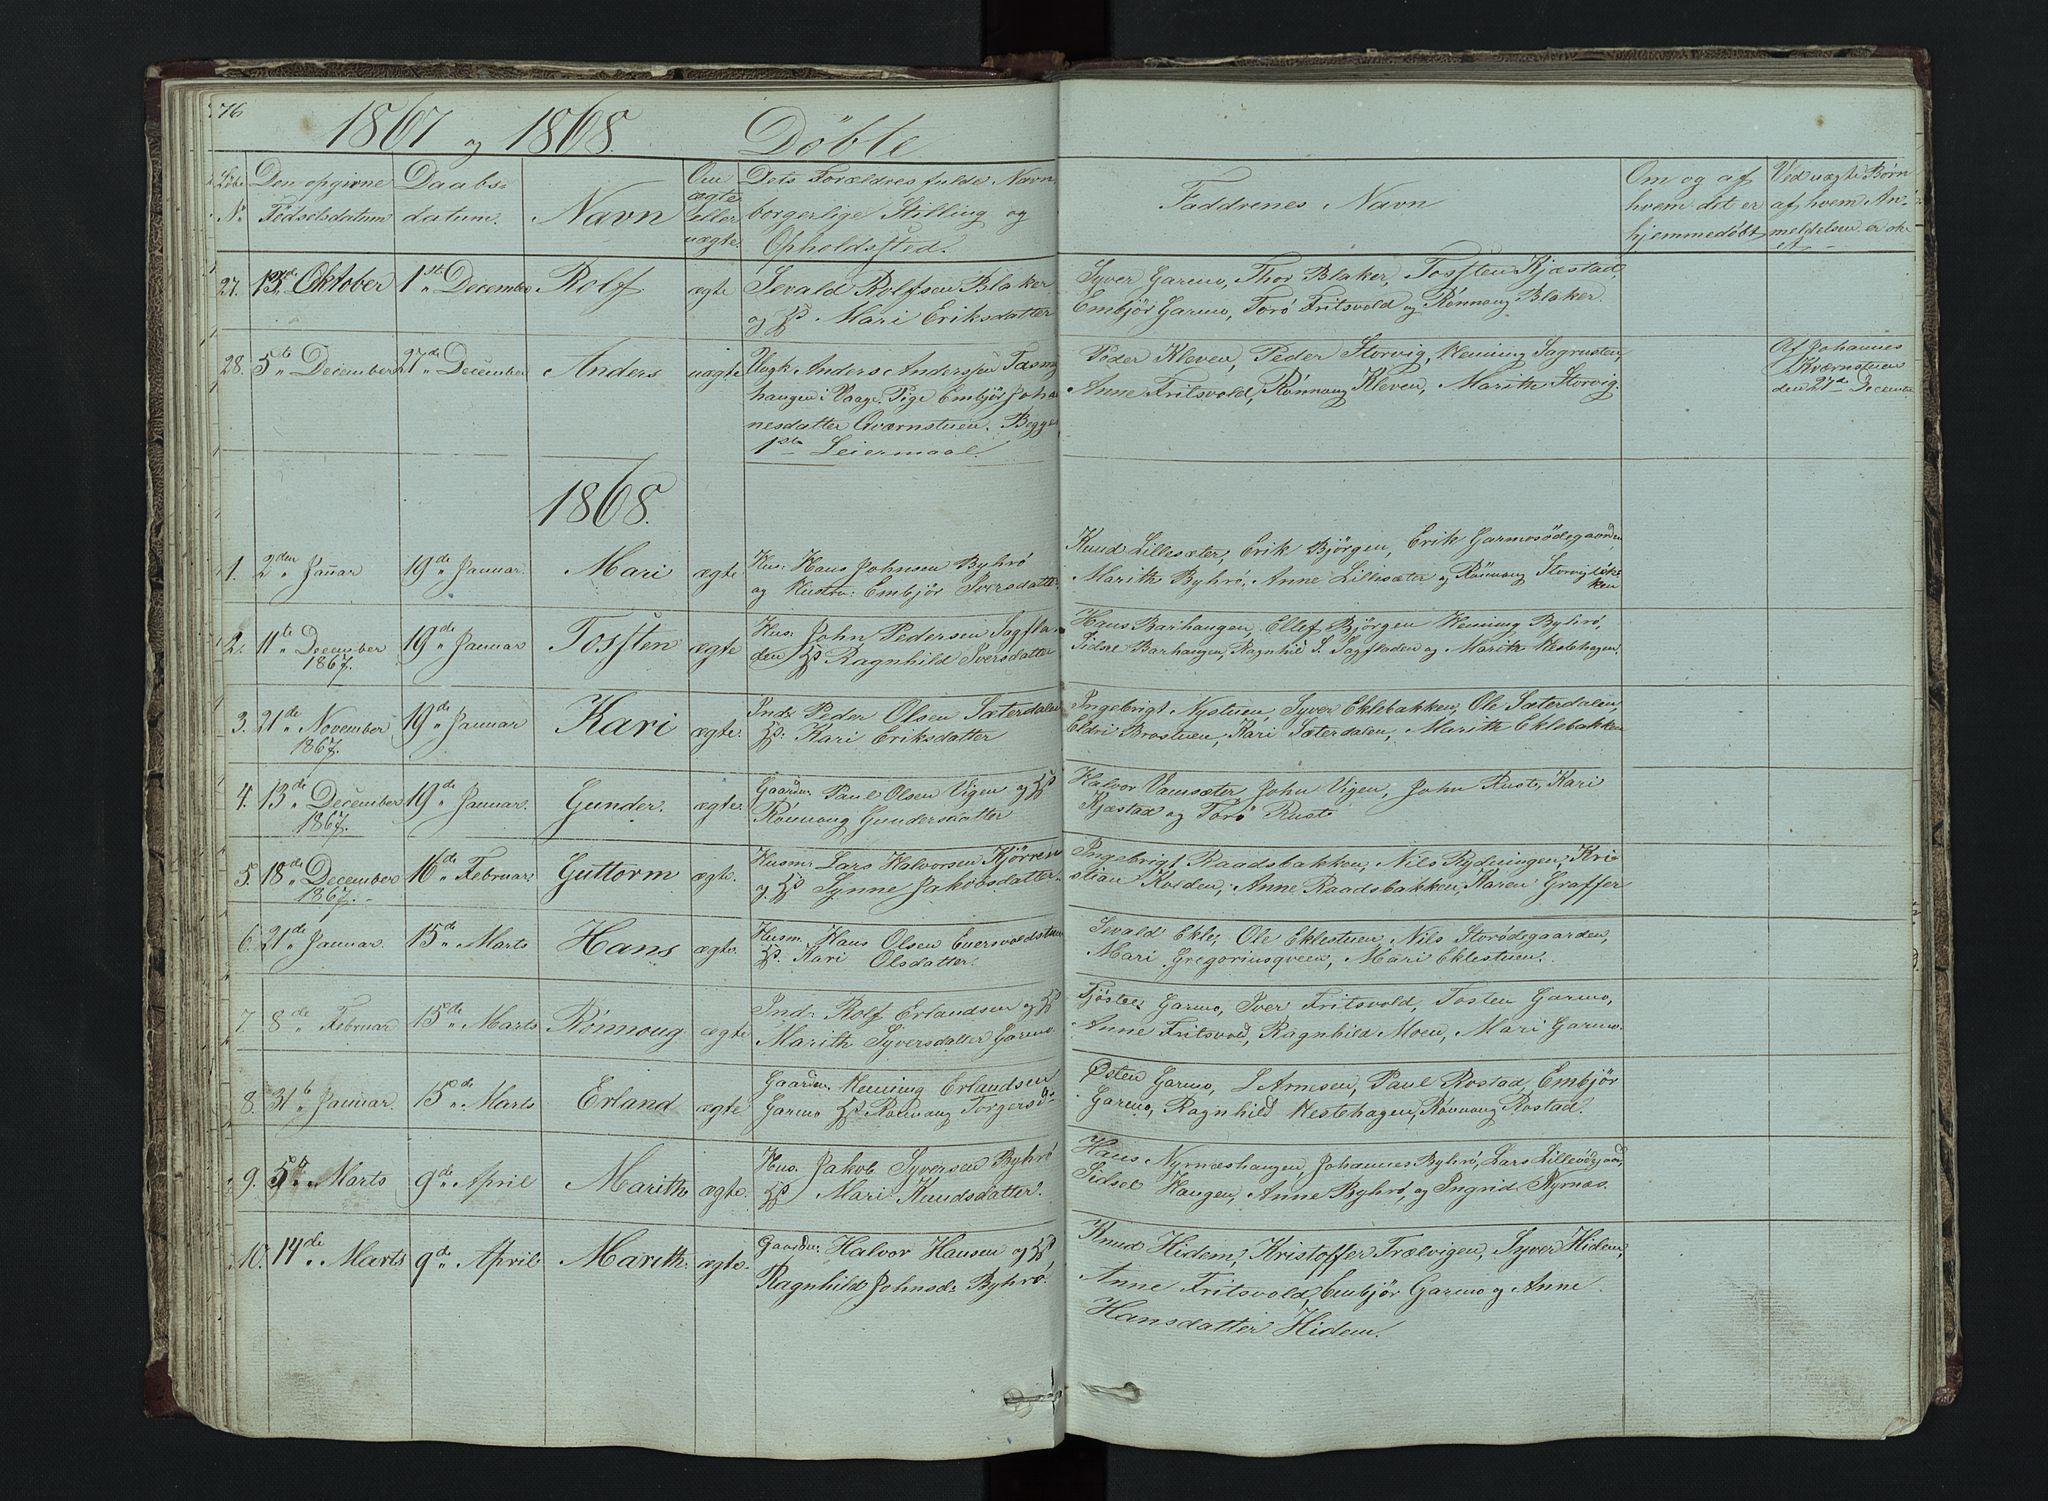 SAH, Lom prestekontor, L/L0014: Klokkerbok nr. 14, 1845-1876, s. 76-77